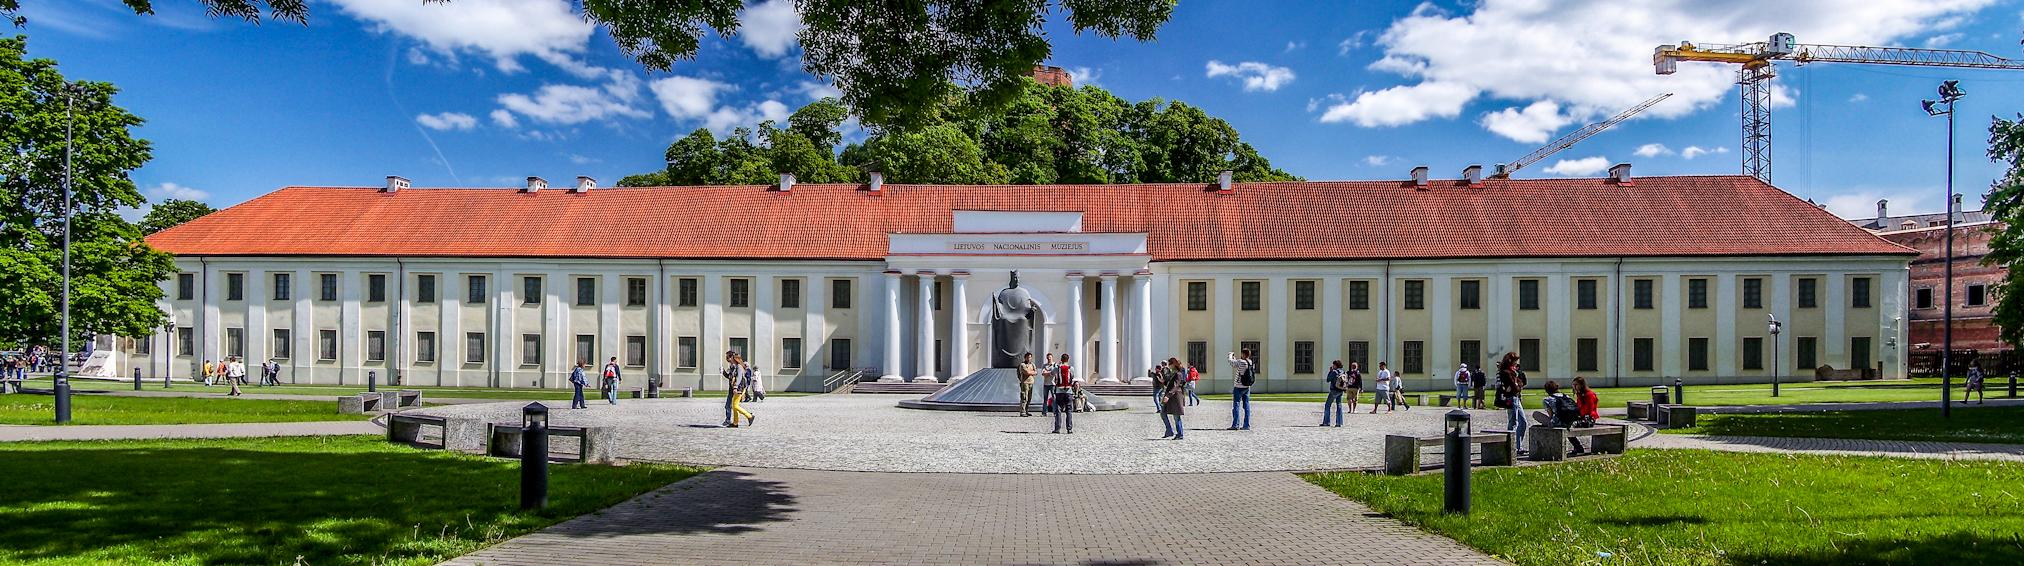 Litewskie Muzeum Narodowe - Nowy Arsenal